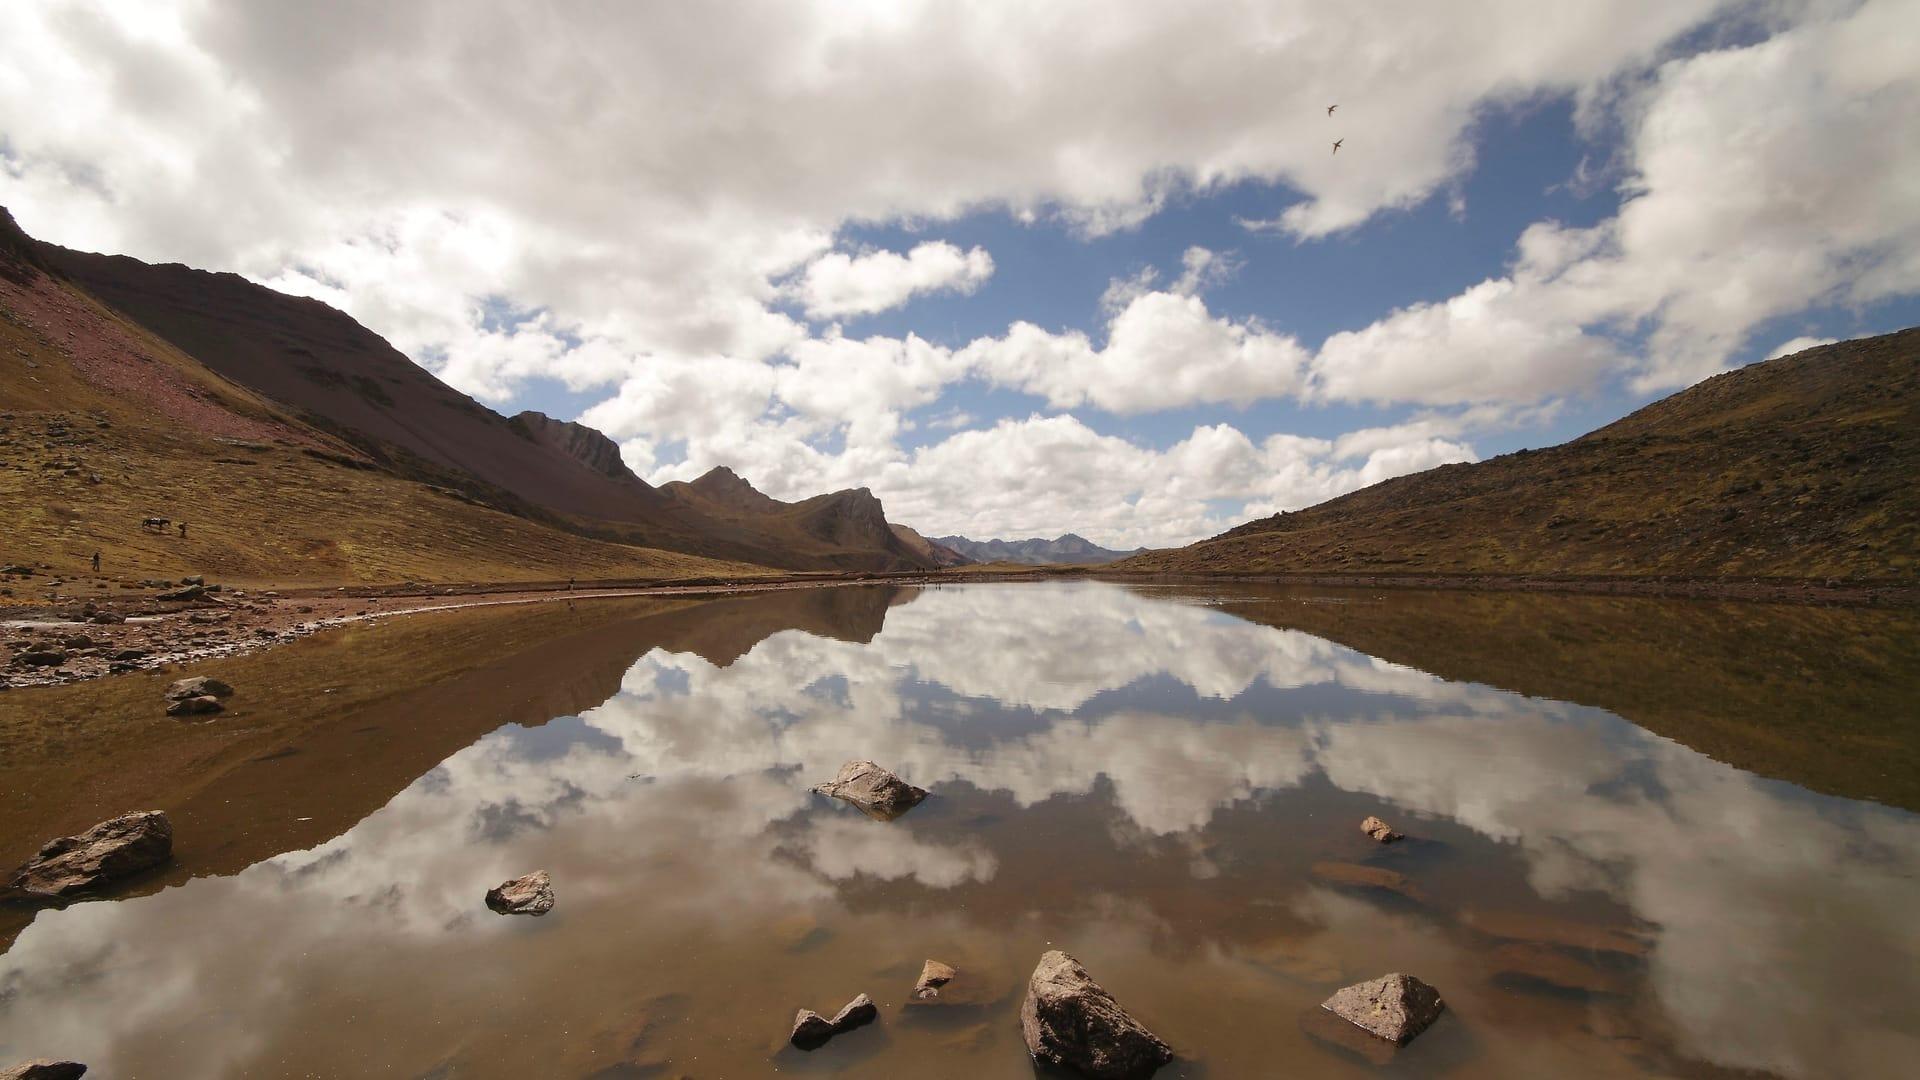 Ausangate caminata en Cusco